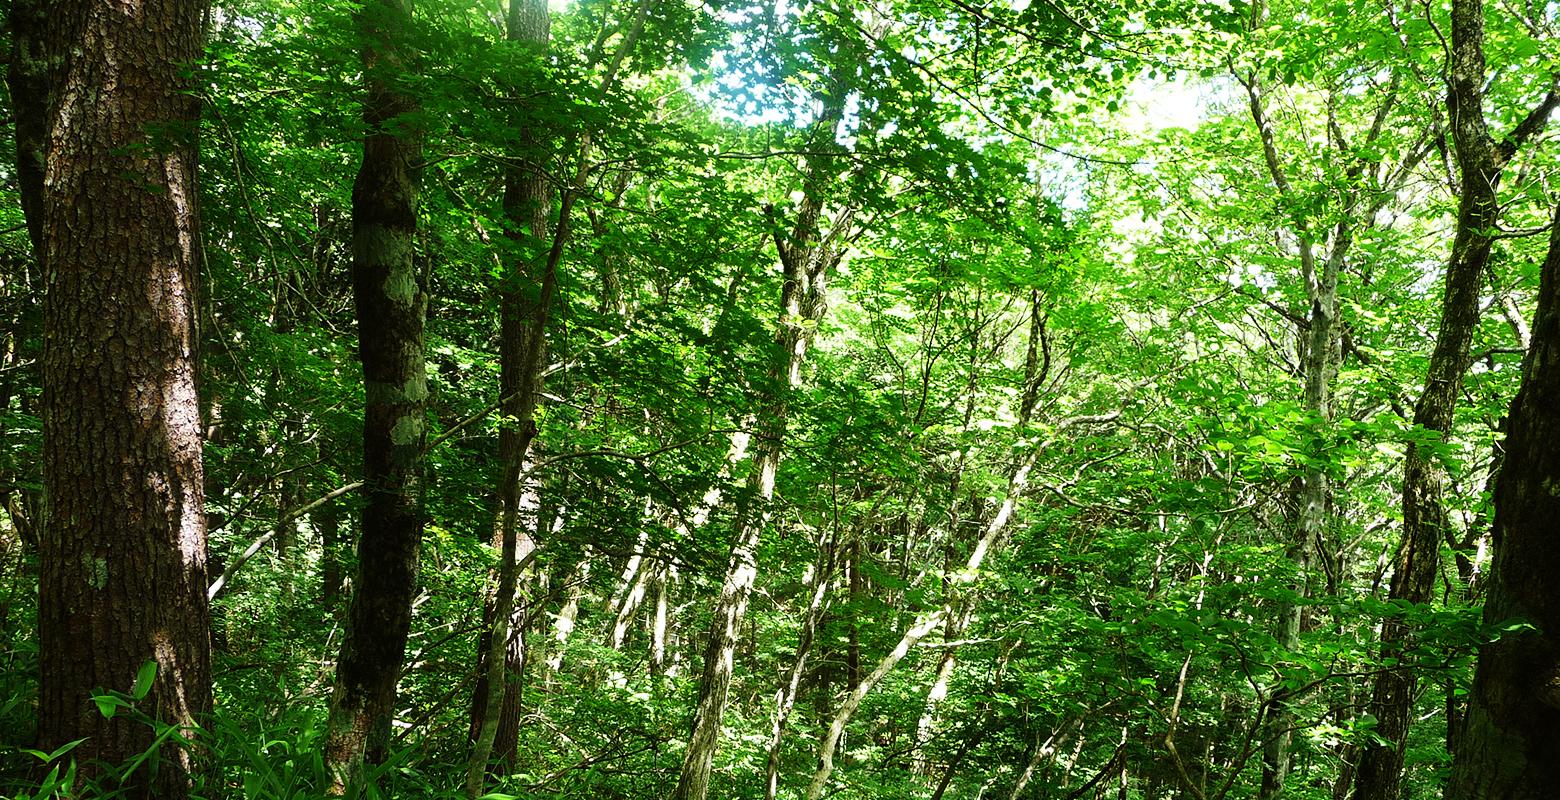 Wood / Beech forest